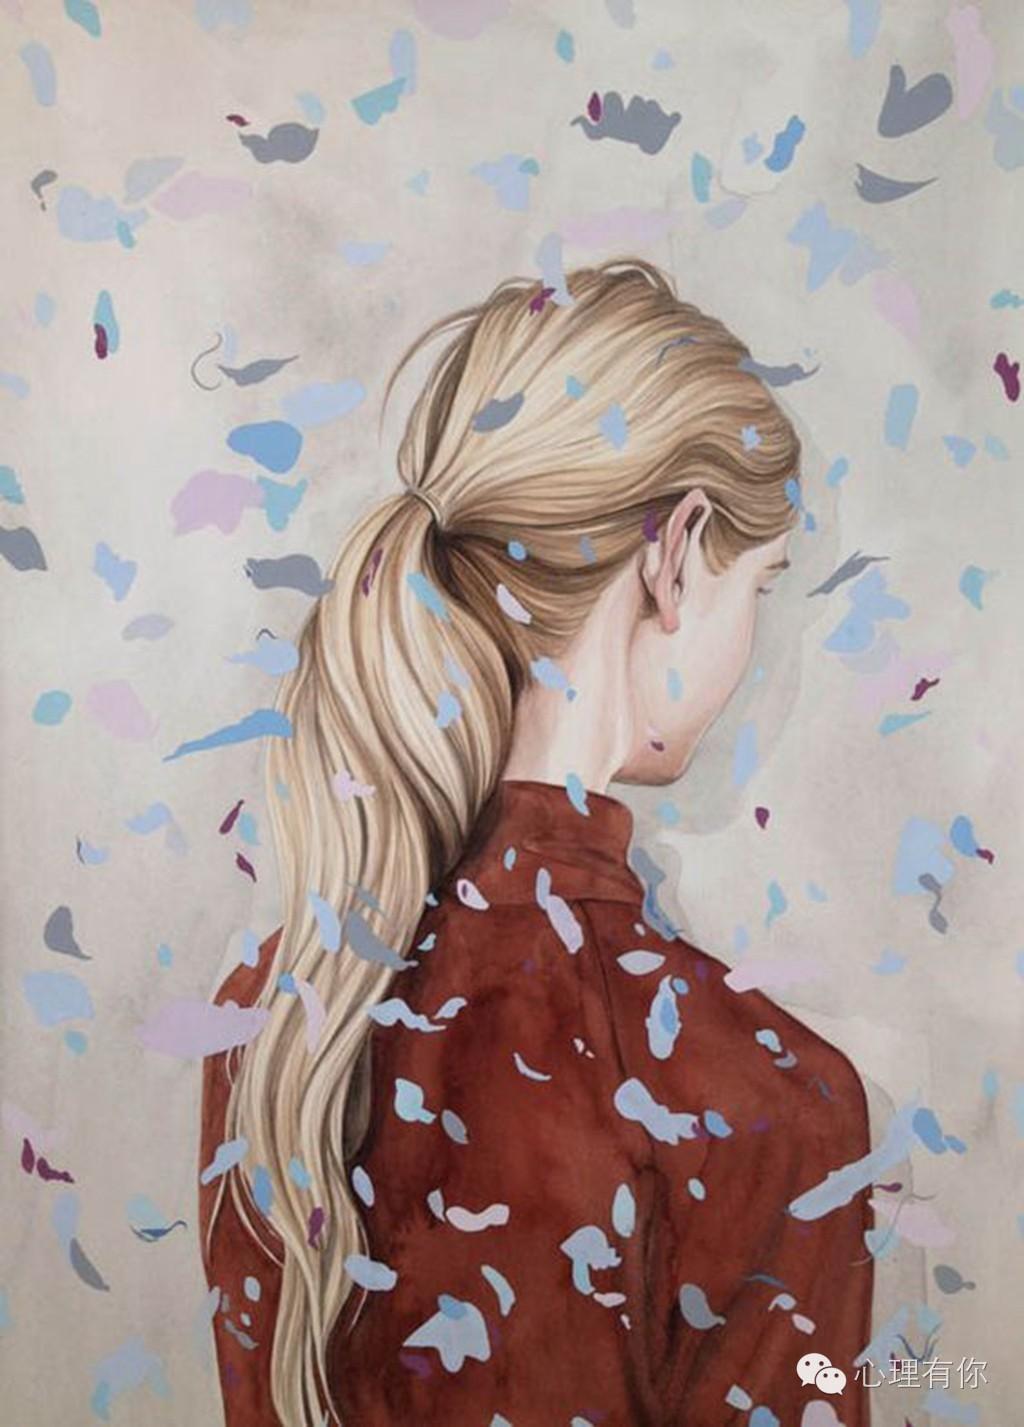 愤懑的情绪越高涨,越是暴露出内心的空虚